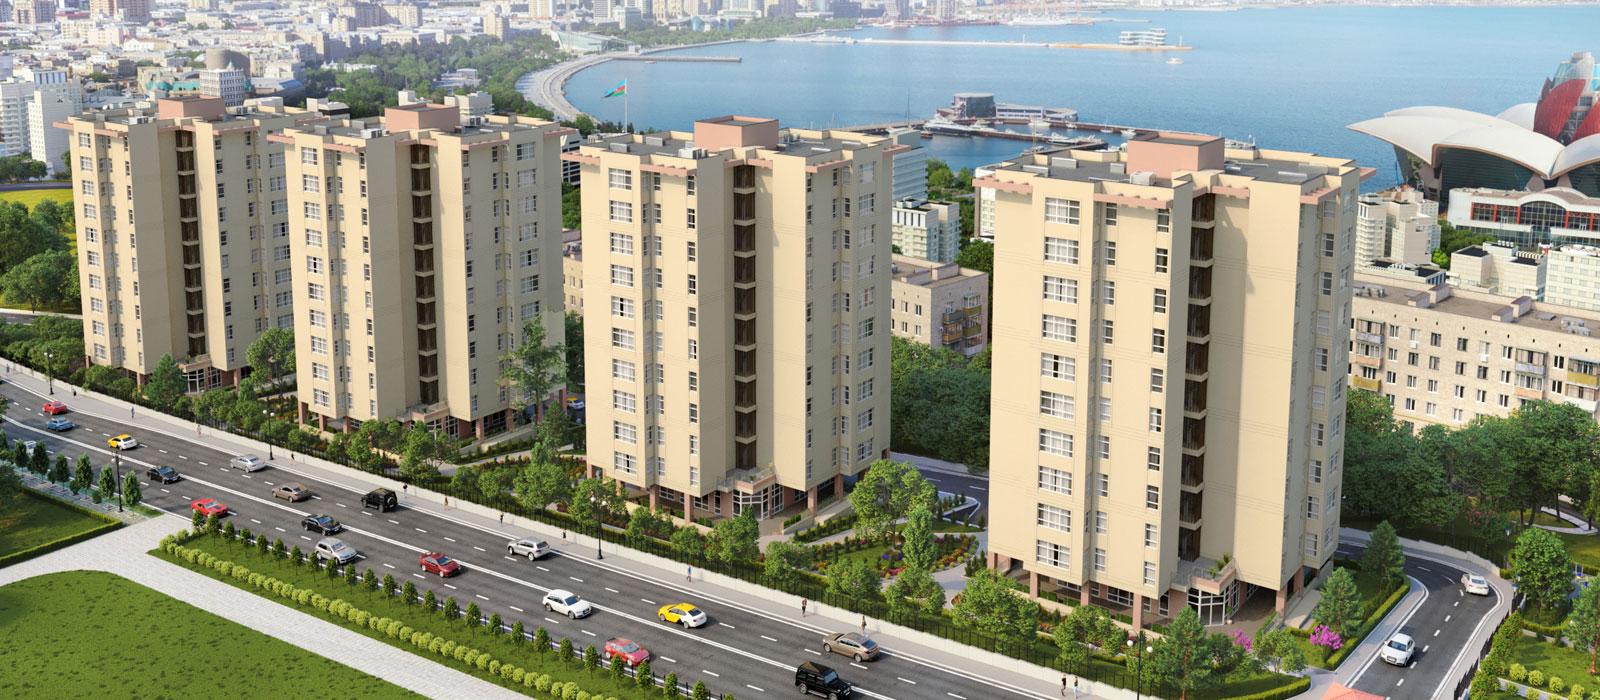 Долгожданный жилой комплекс будет сдан в эксплуатацию